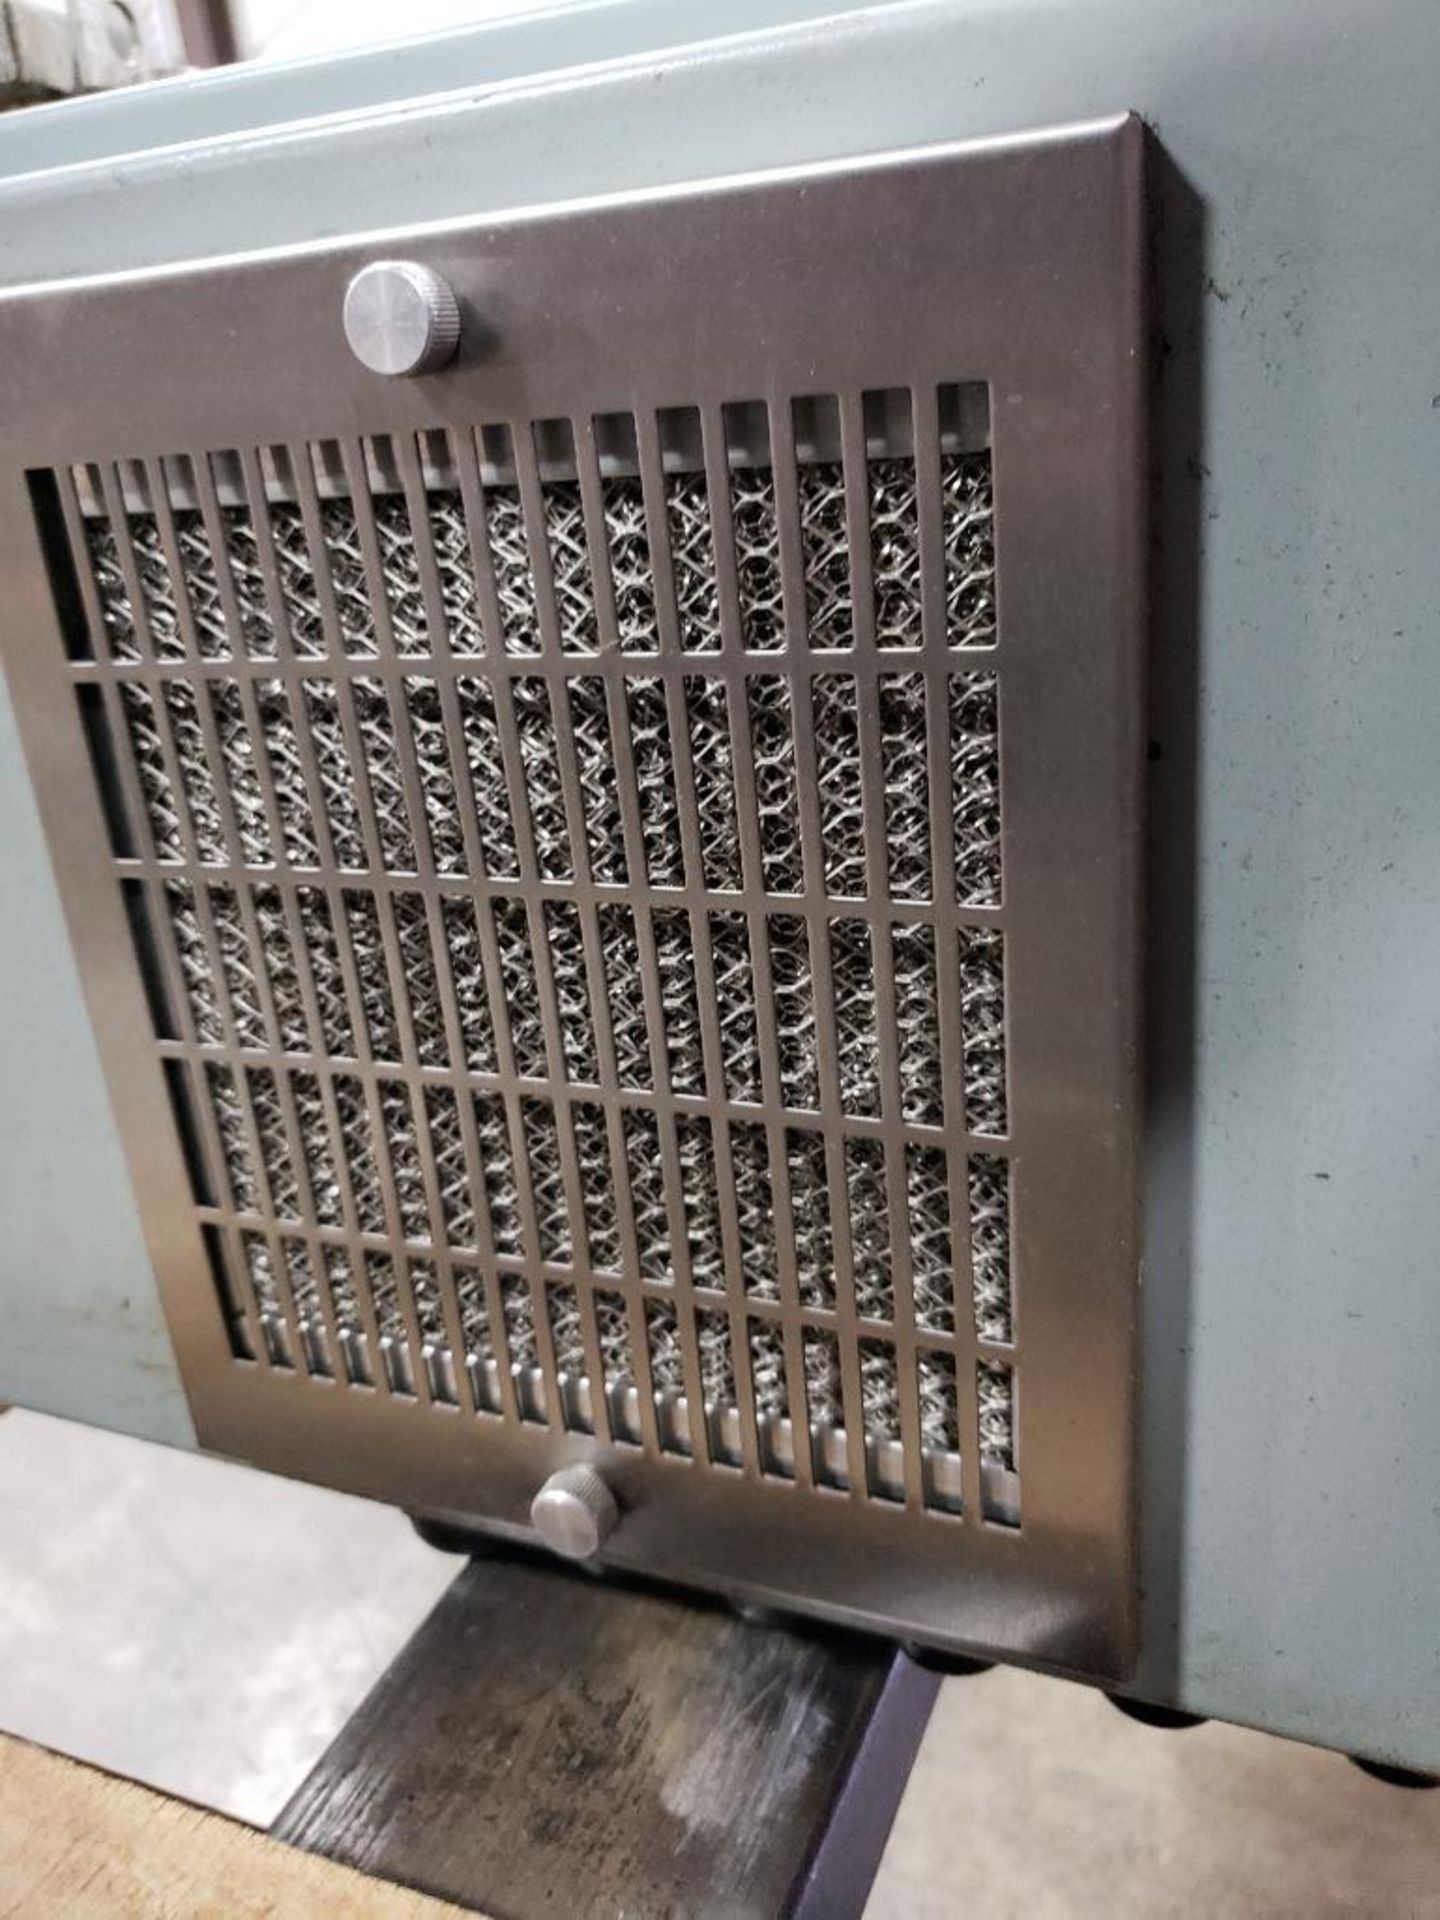 Chiller control cabinet. Hoffman enclosure, Cutler Hammer AF93AG0B007D drive, Allen Bradley drive. - Image 11 of 35